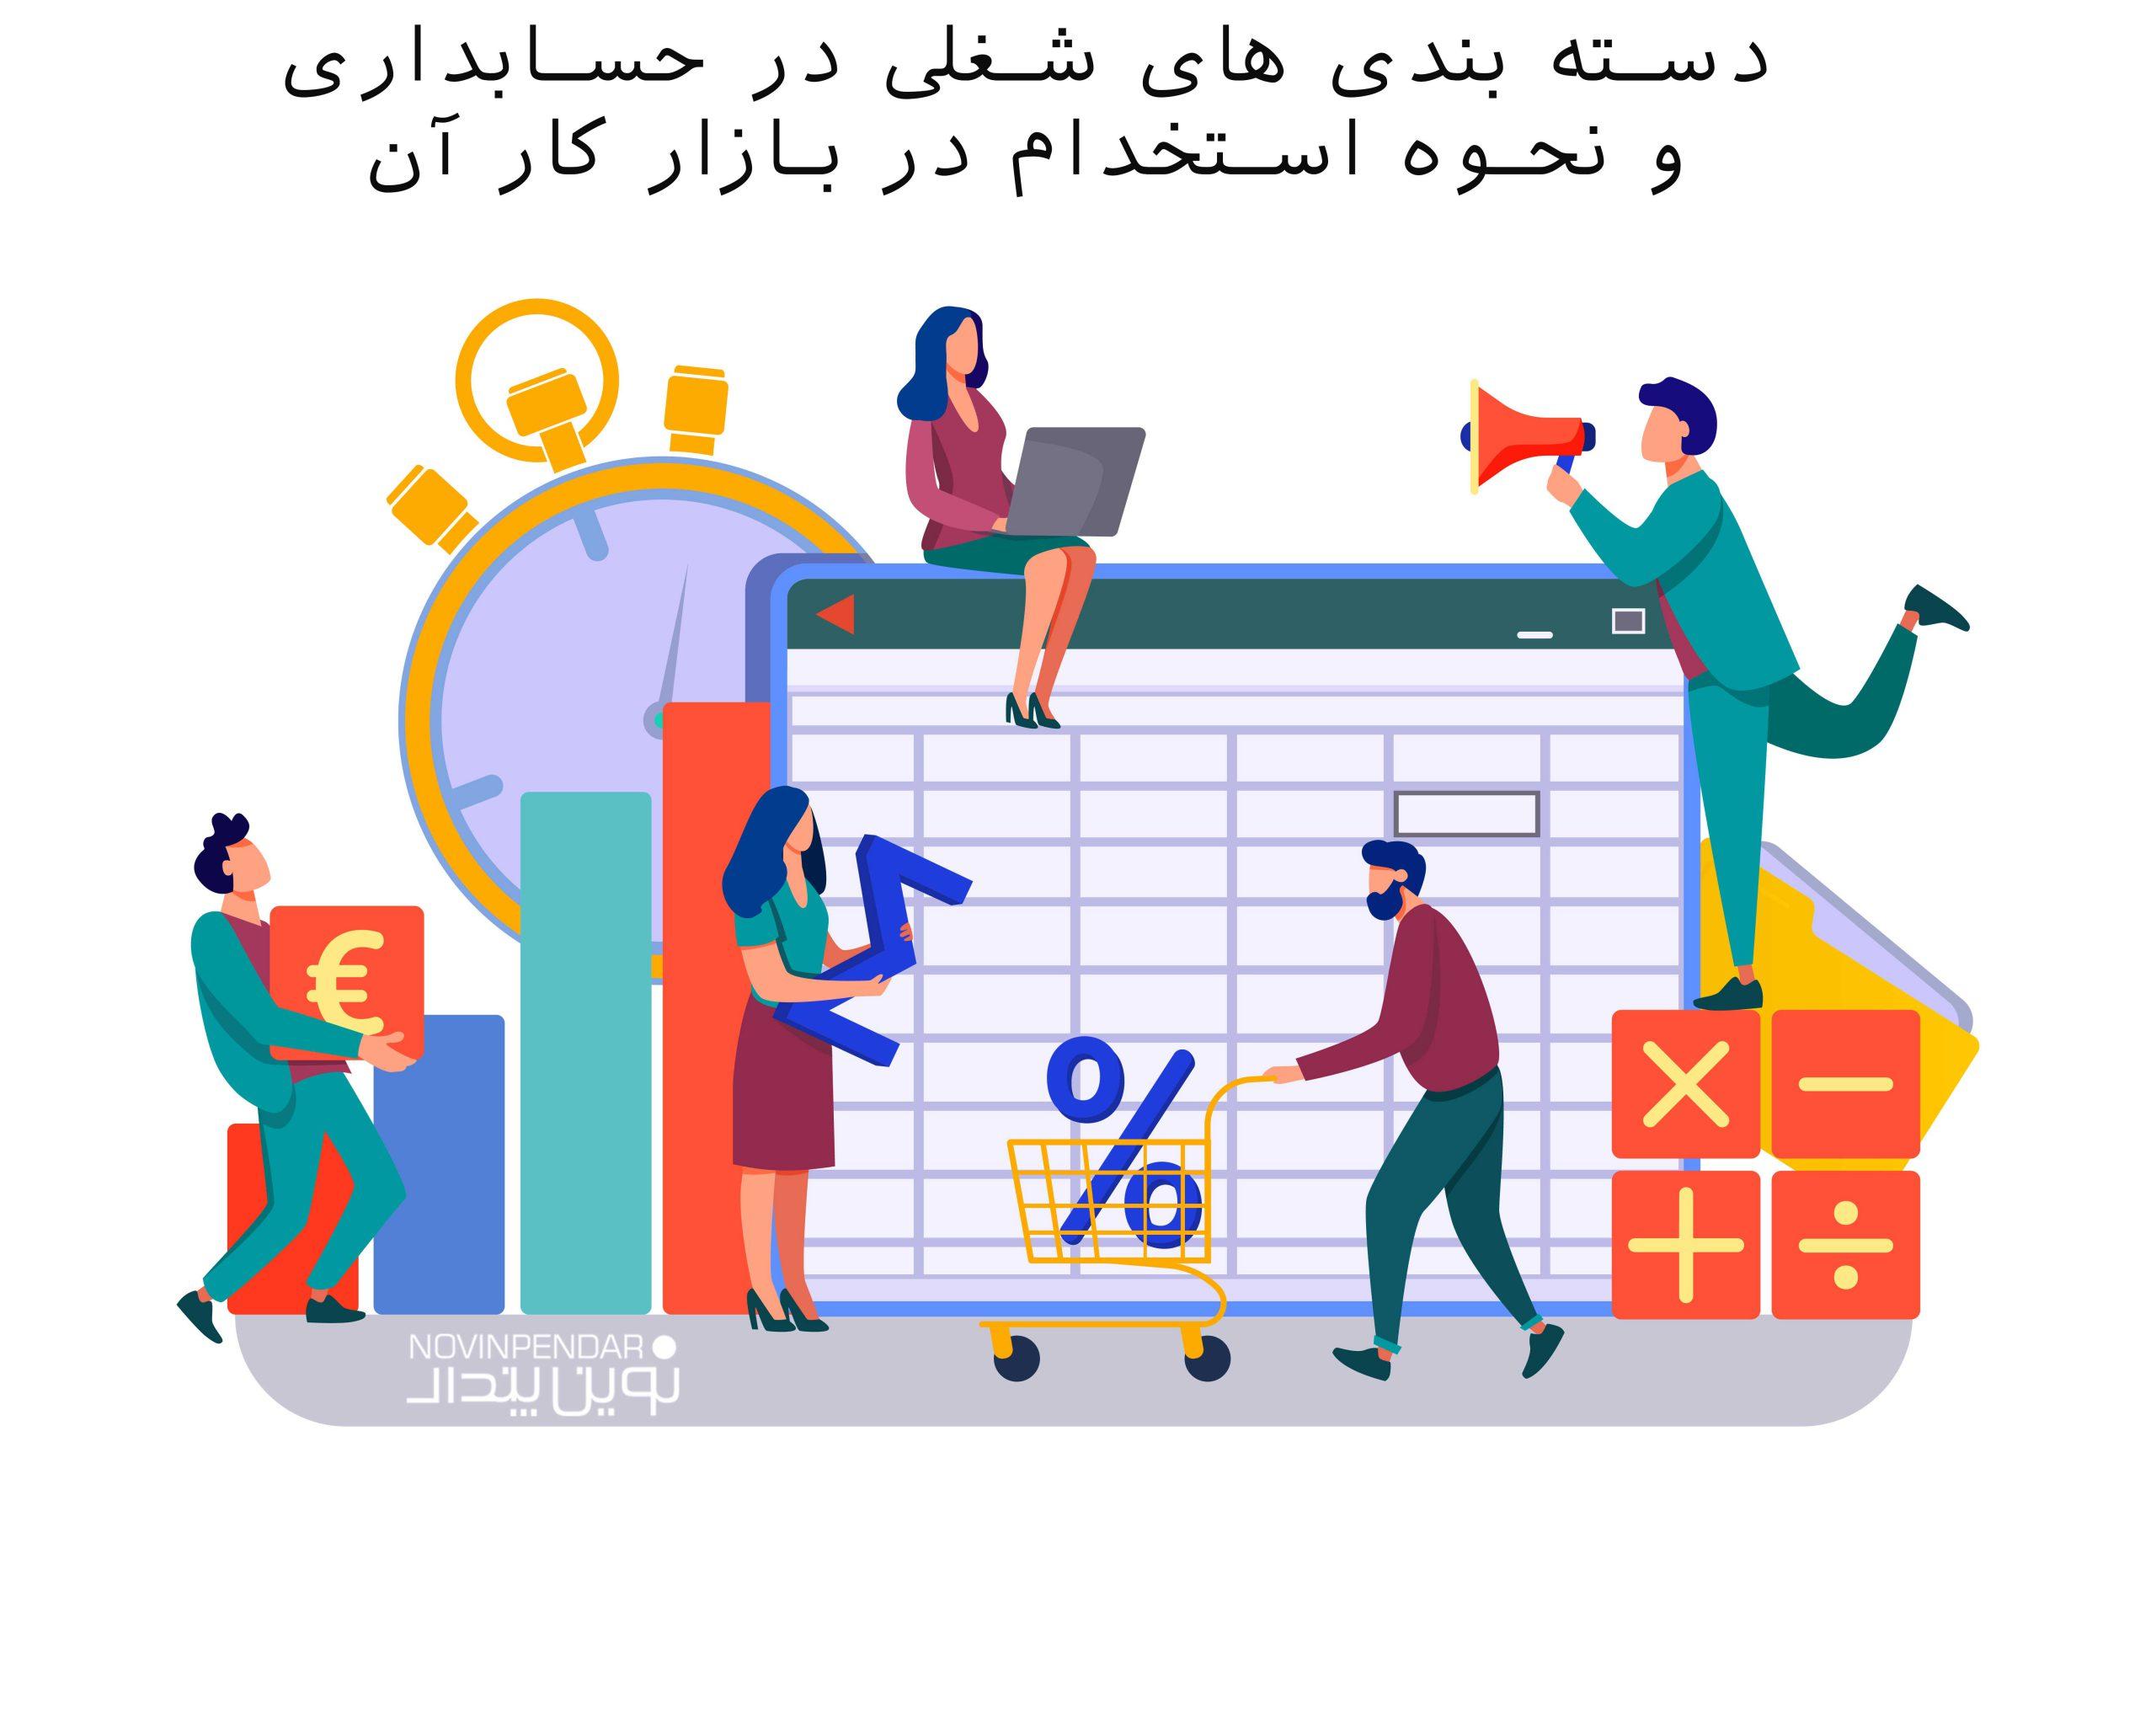 دسته بندی های شغل حسابداری